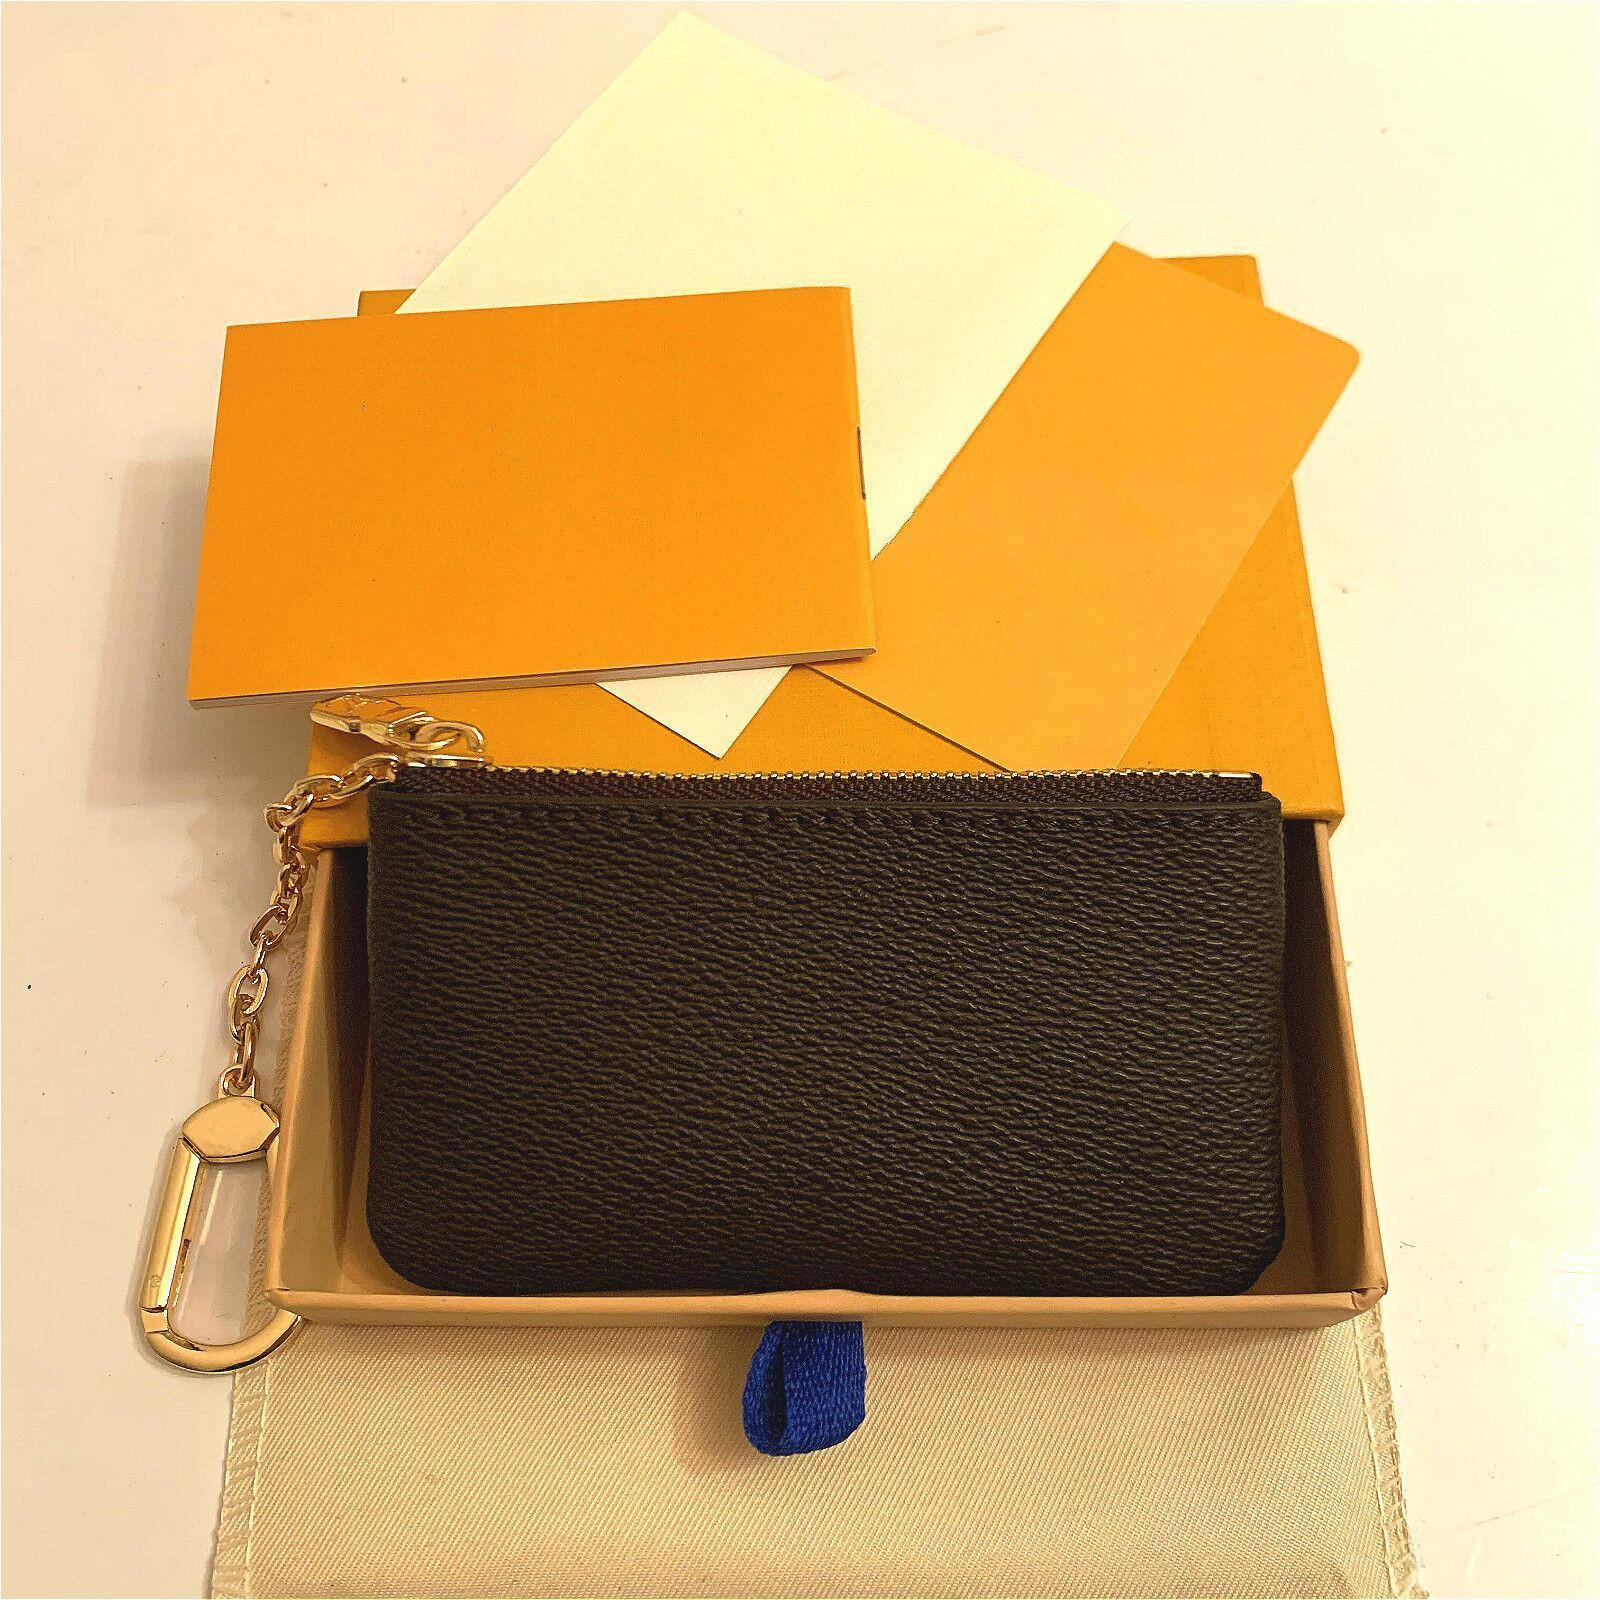 4 marchandises de luxe de luxe de luxe clé en cuir sac à main Couleurs Portefeuilles 62650 Pochette Zip Portefeuille Femmes QPABD